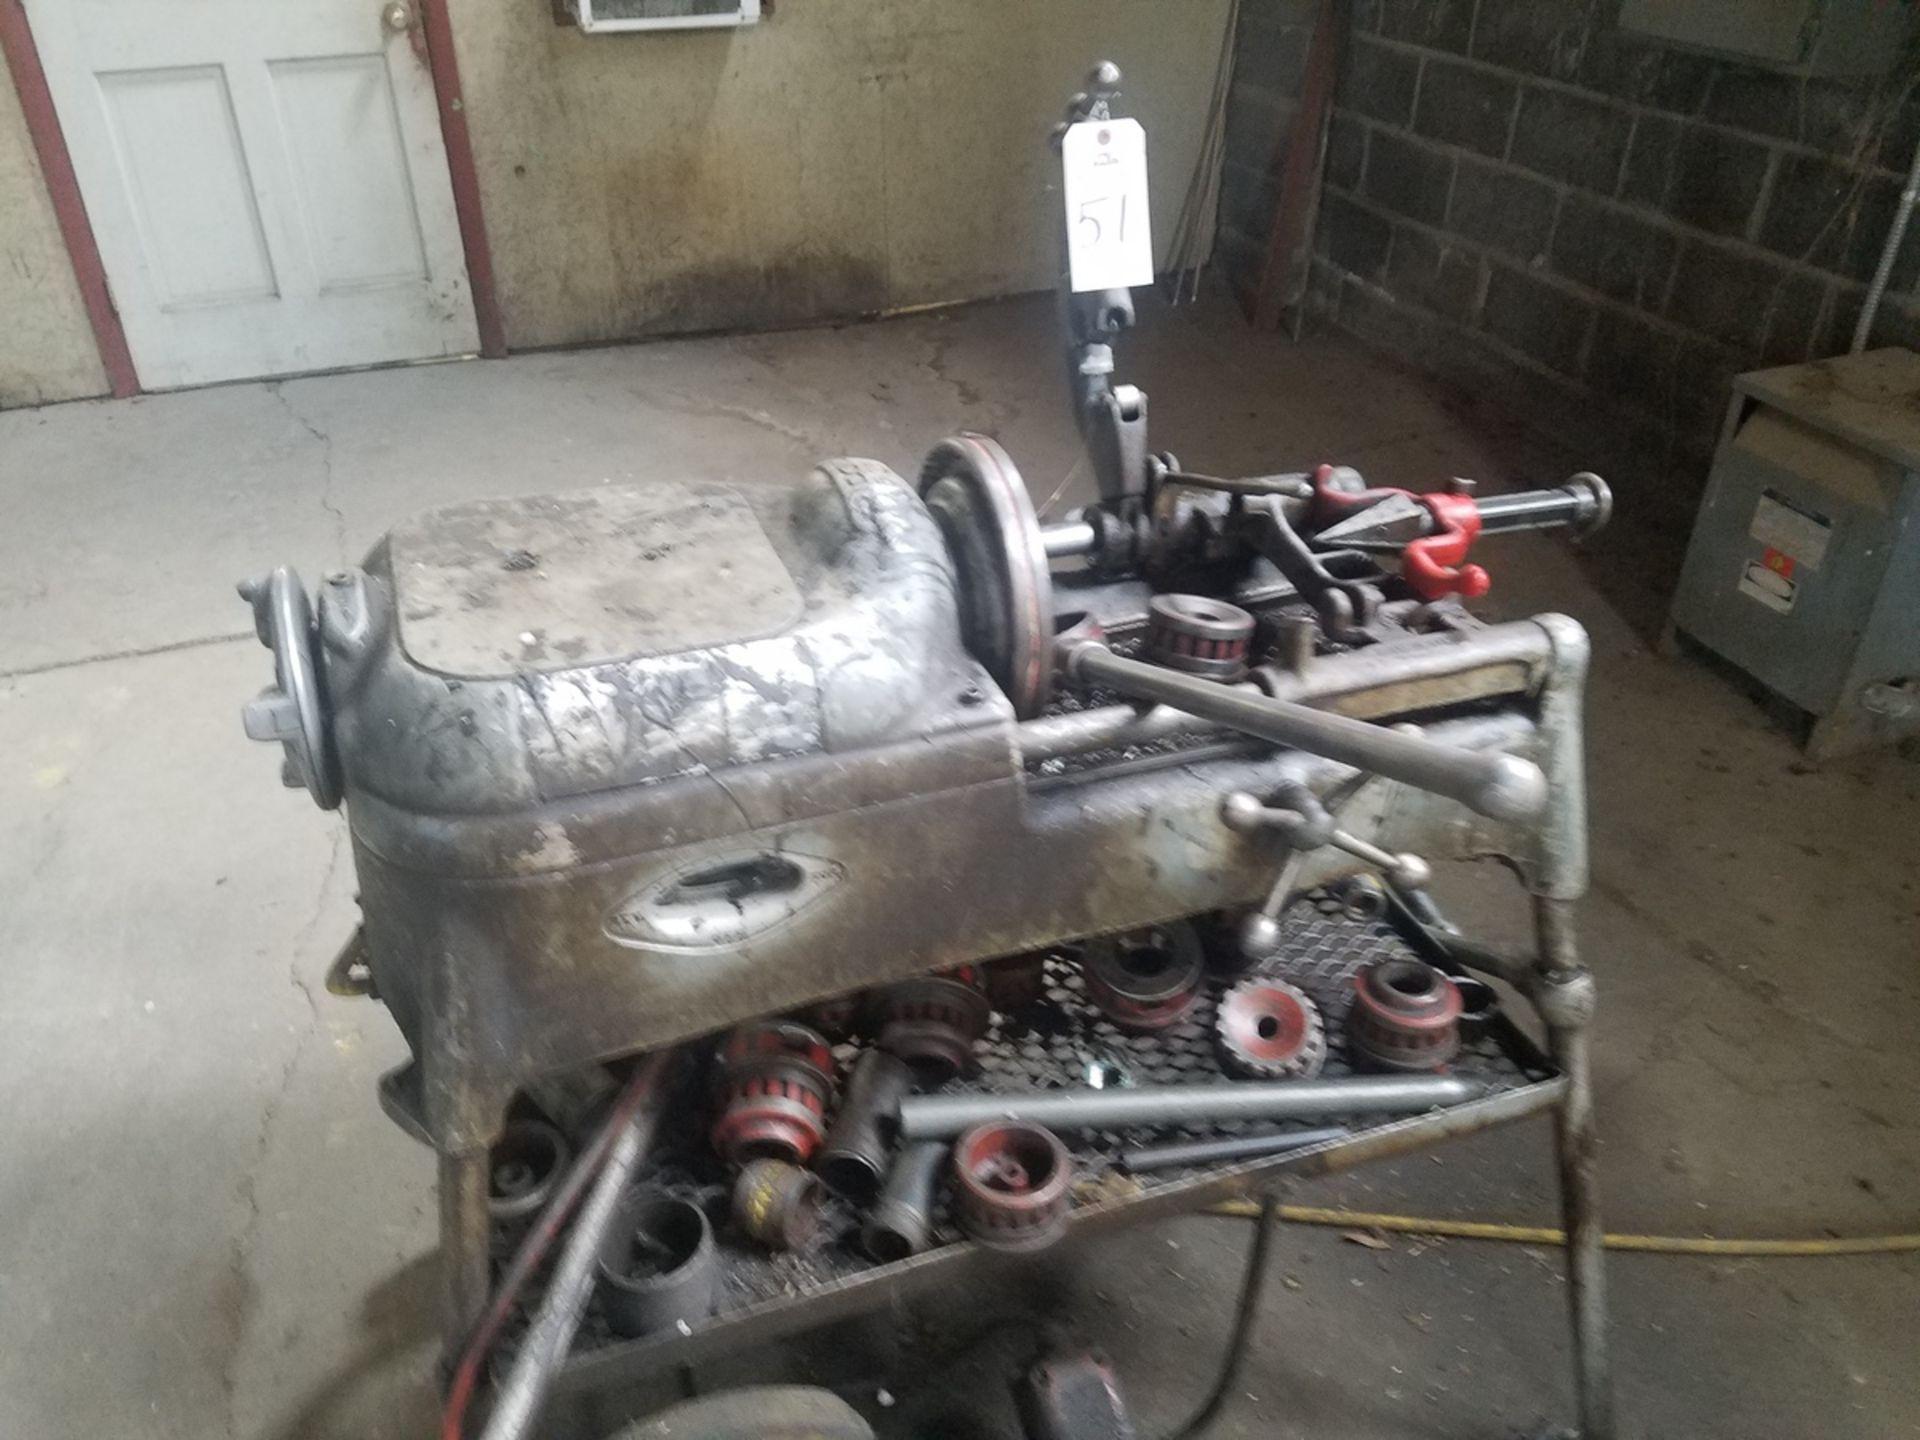 Lot 51 - Ridgid Power Pipe Threader, M# 535 | Rig Fee: $100